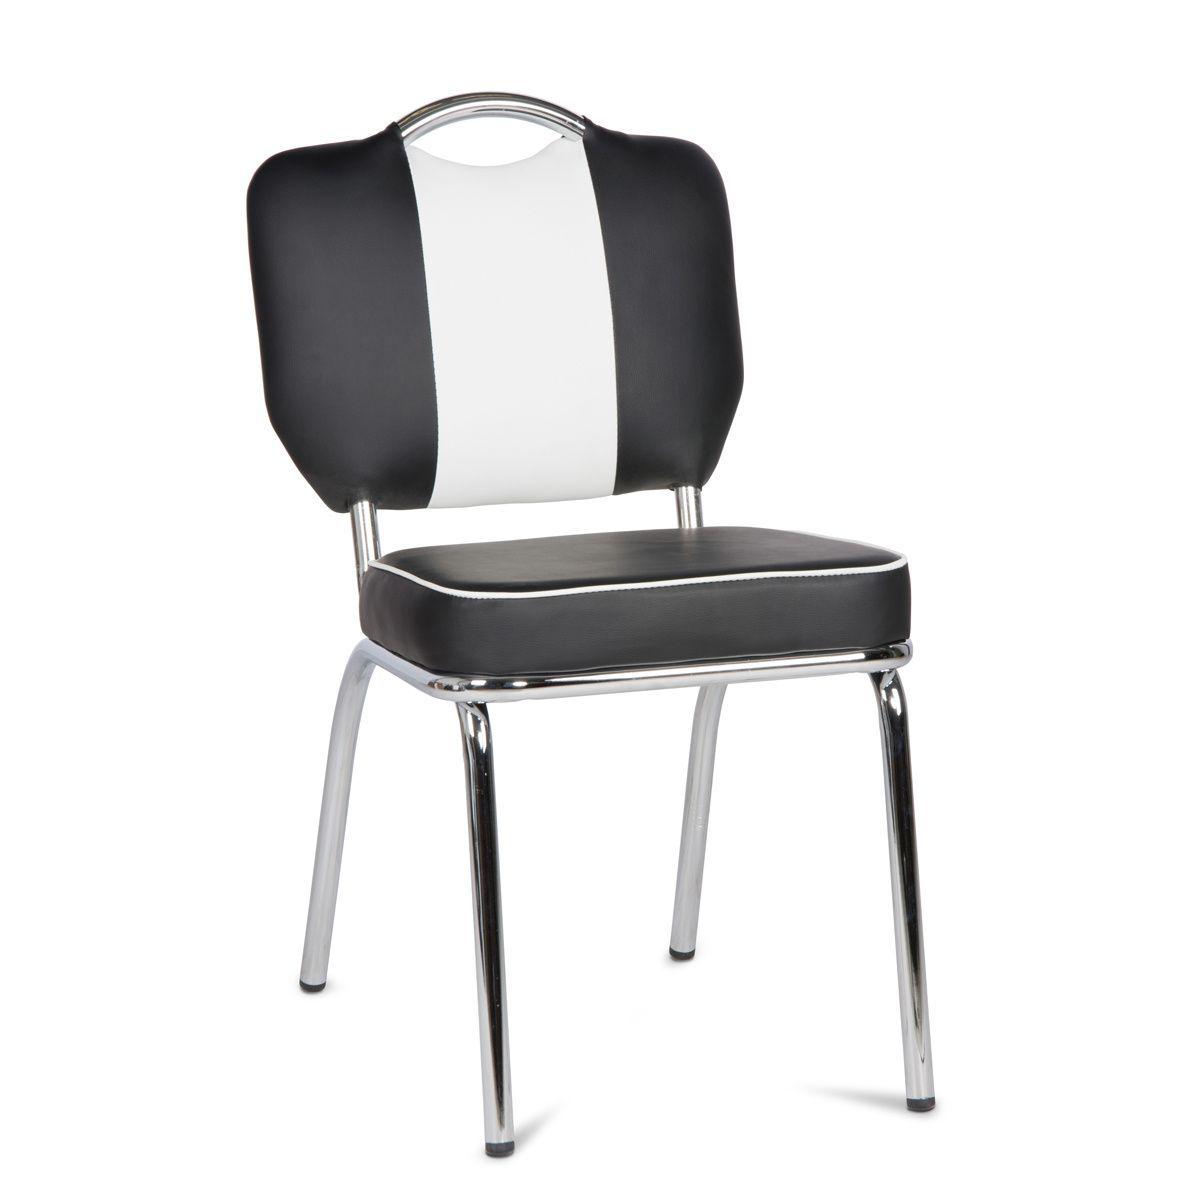 Retro Stuhl Schwarz Luxus Stuhl Elvis American Diner 50er Jahre Retro Bistrosthle Esszimmerstuhle Stuhle Stuhl Schwarz